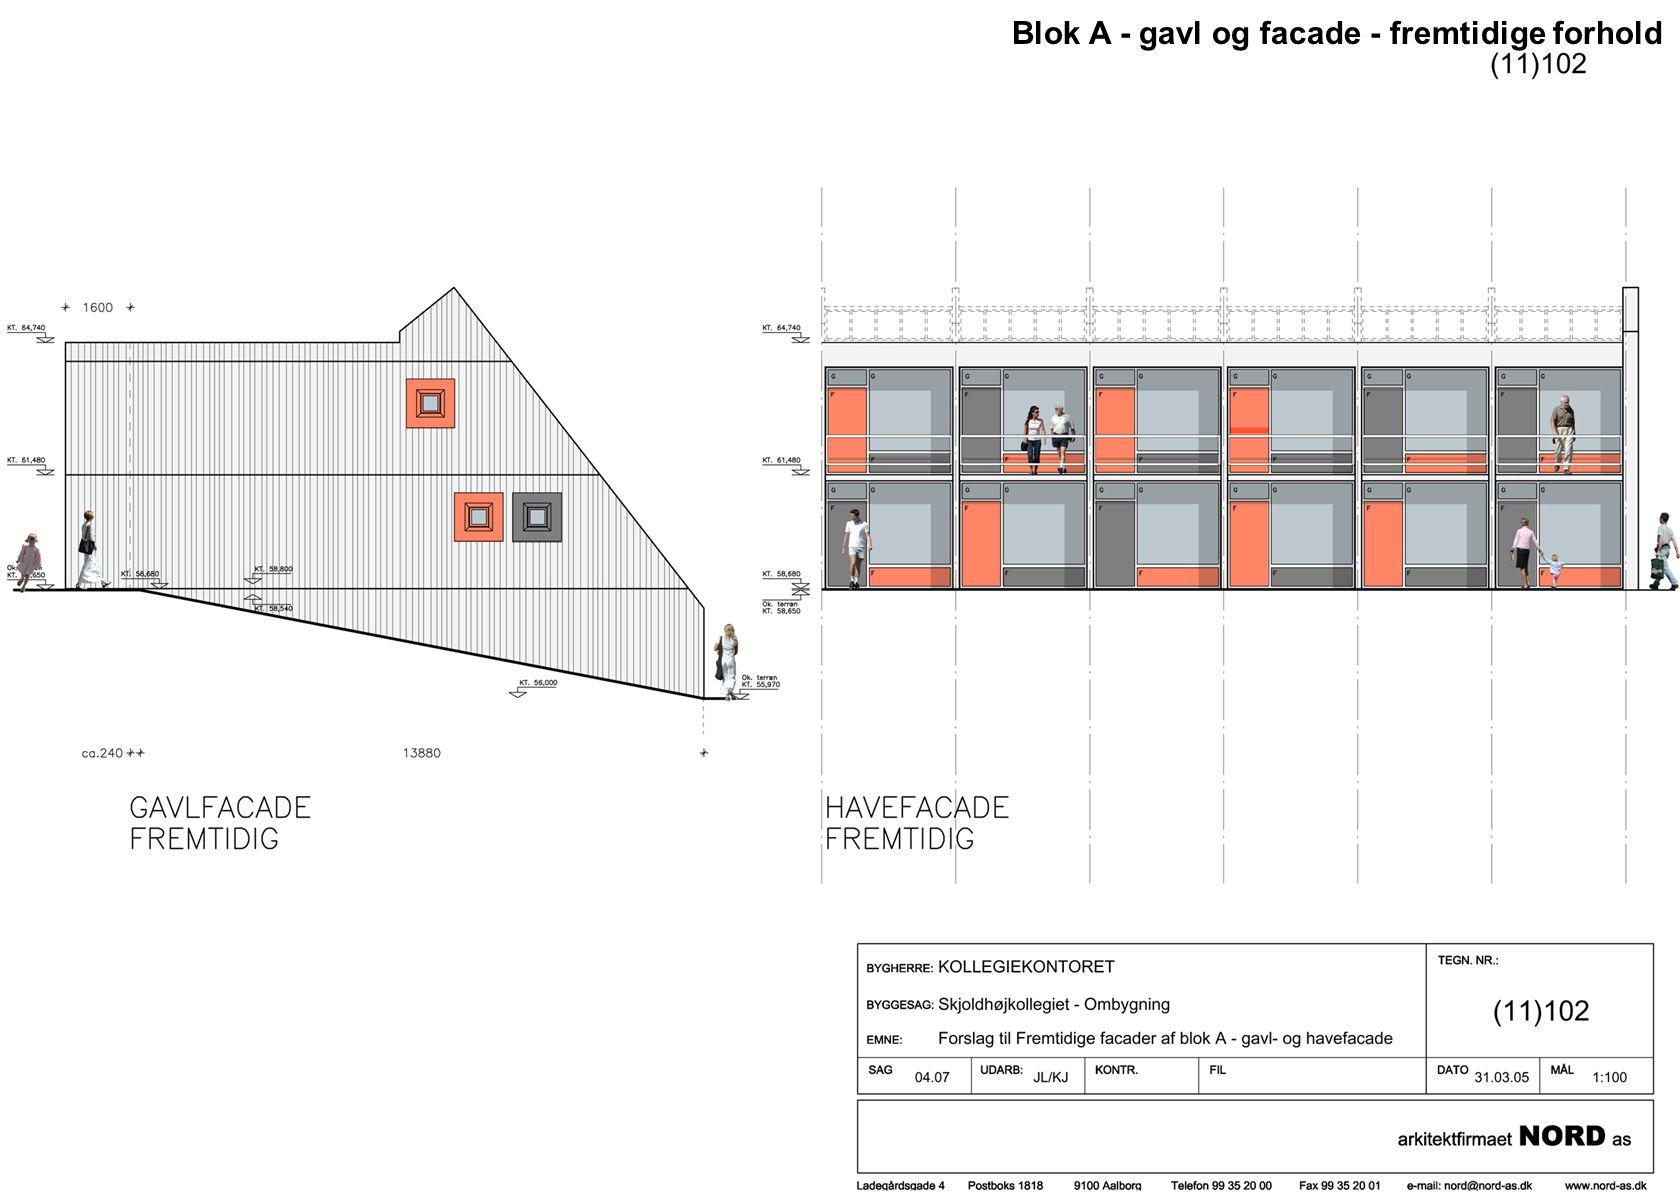 Blok A - gavl og facade - fremtidige forhold